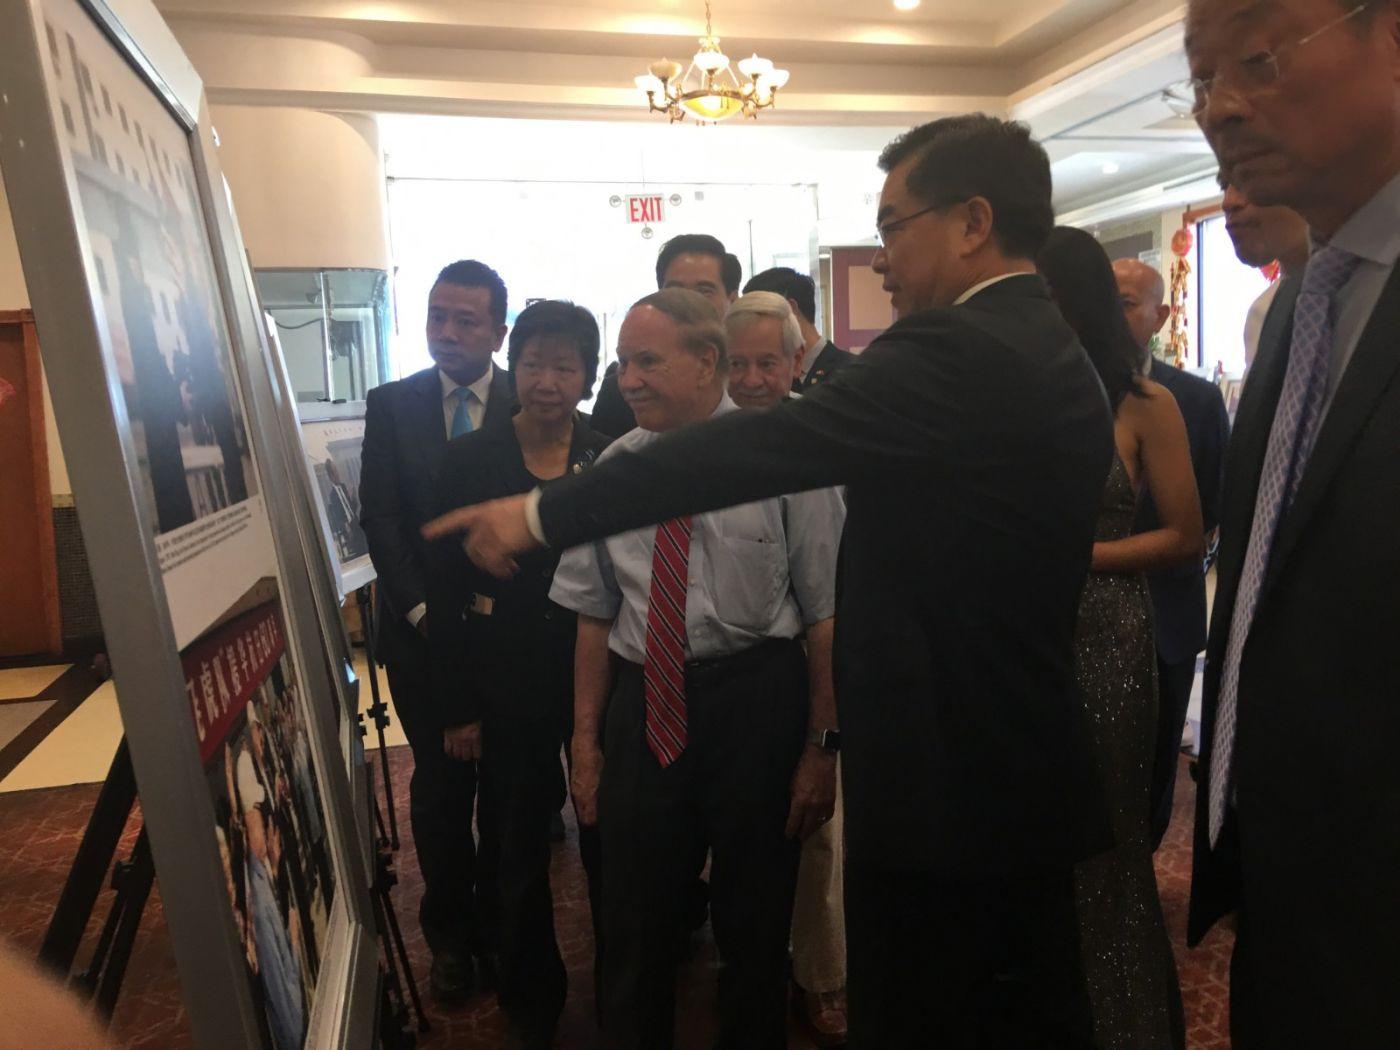 紐約州參議院通過「中國日」決議案慶祝会在紐約舉行_图1-1